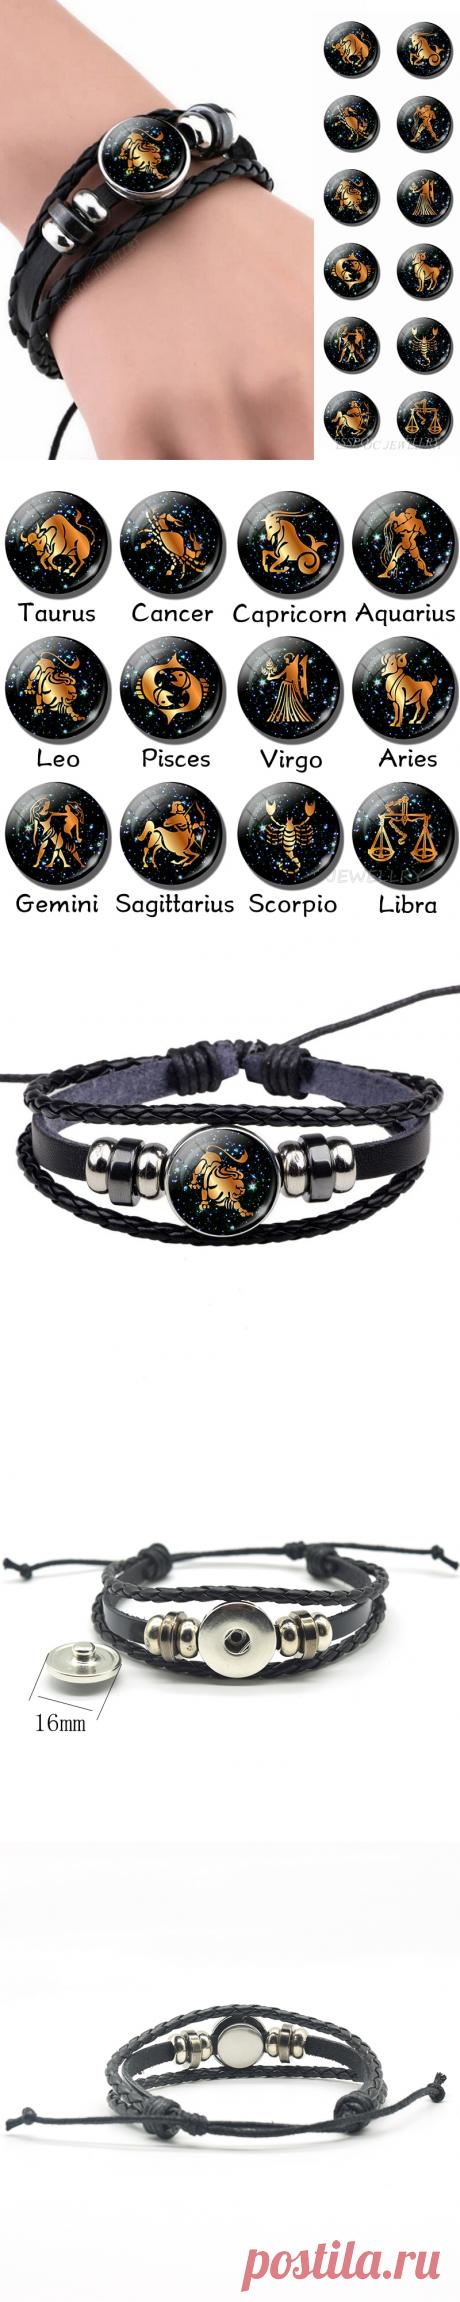 12 Созвездие кожаный браслет Знак зодиака стеклянный кабошон ручной работы черный Панк мужские ювелирные изделия Астрология подарок на день рождения